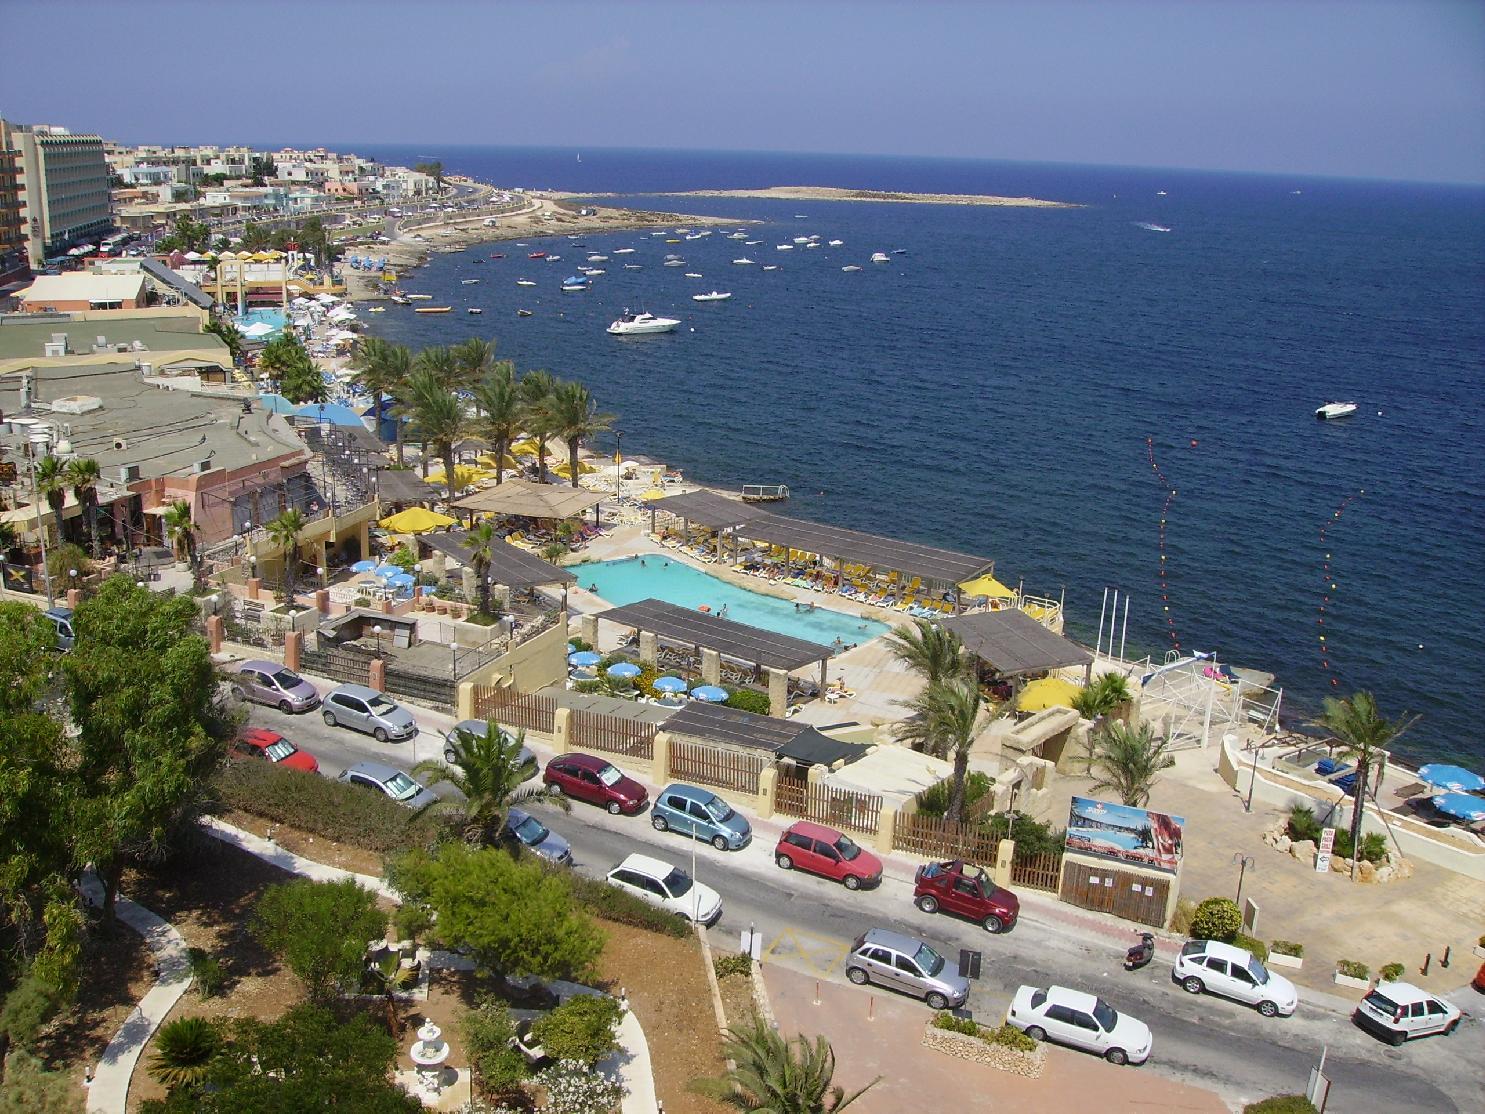 Ofertas de viajes a la isla de malta 2018 y 2019 - Apartamentos baratos en malta ...